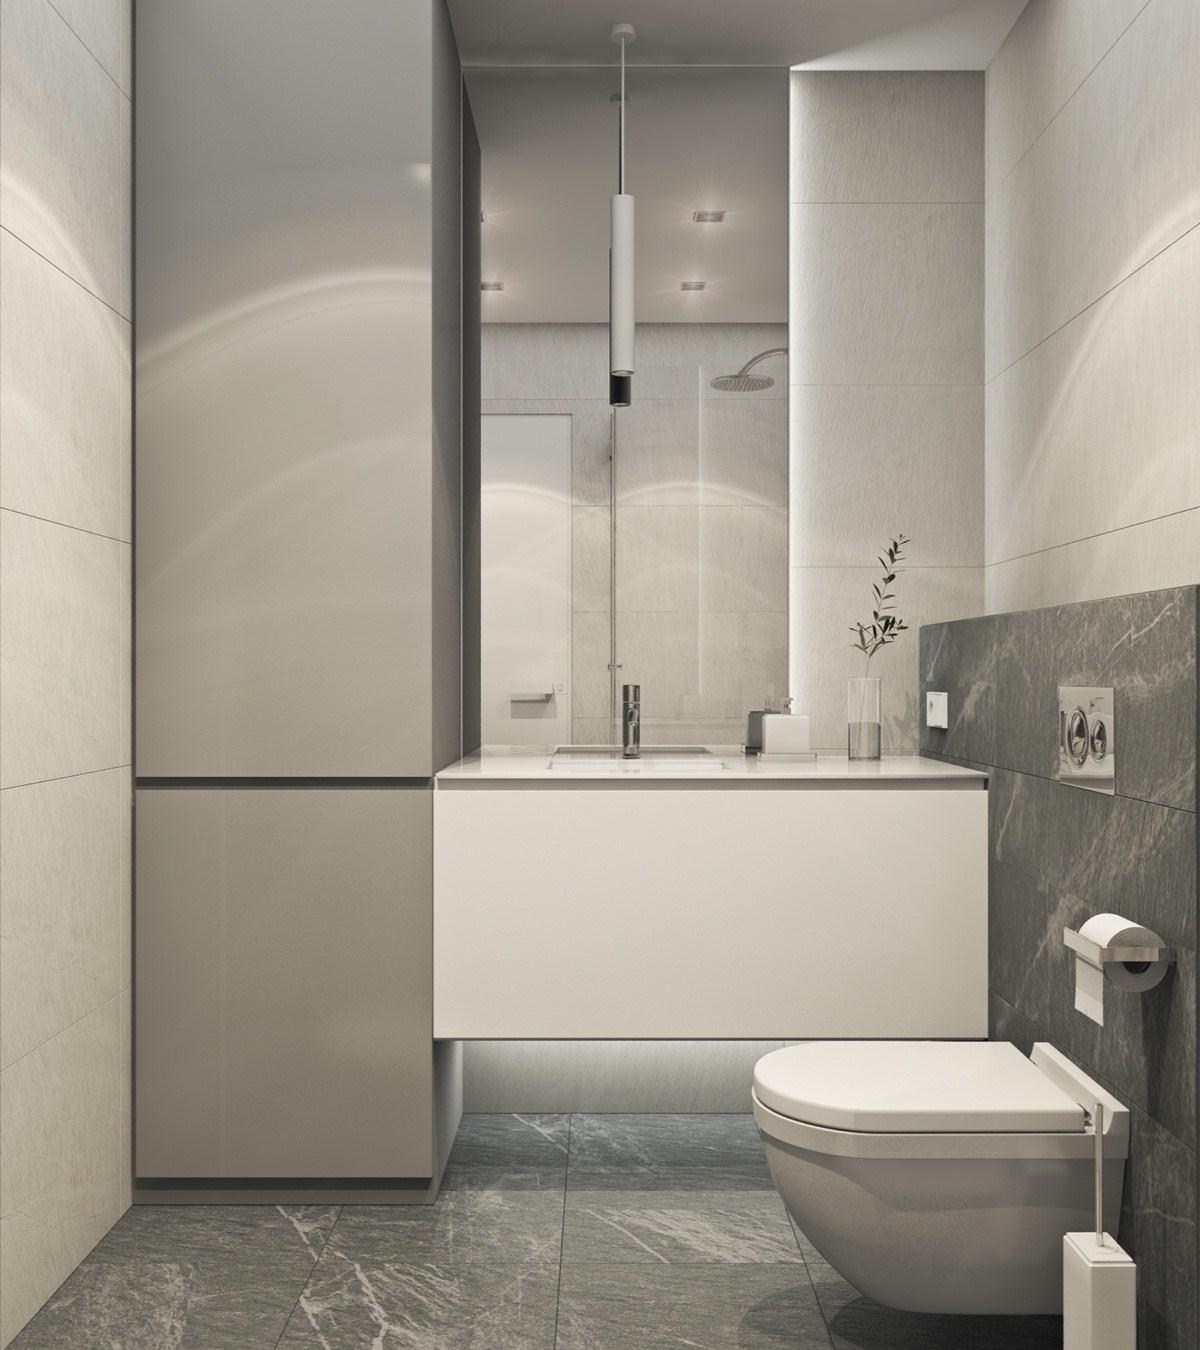 Anime Apartment: 4 Fabulously Stylish Studio Apartments